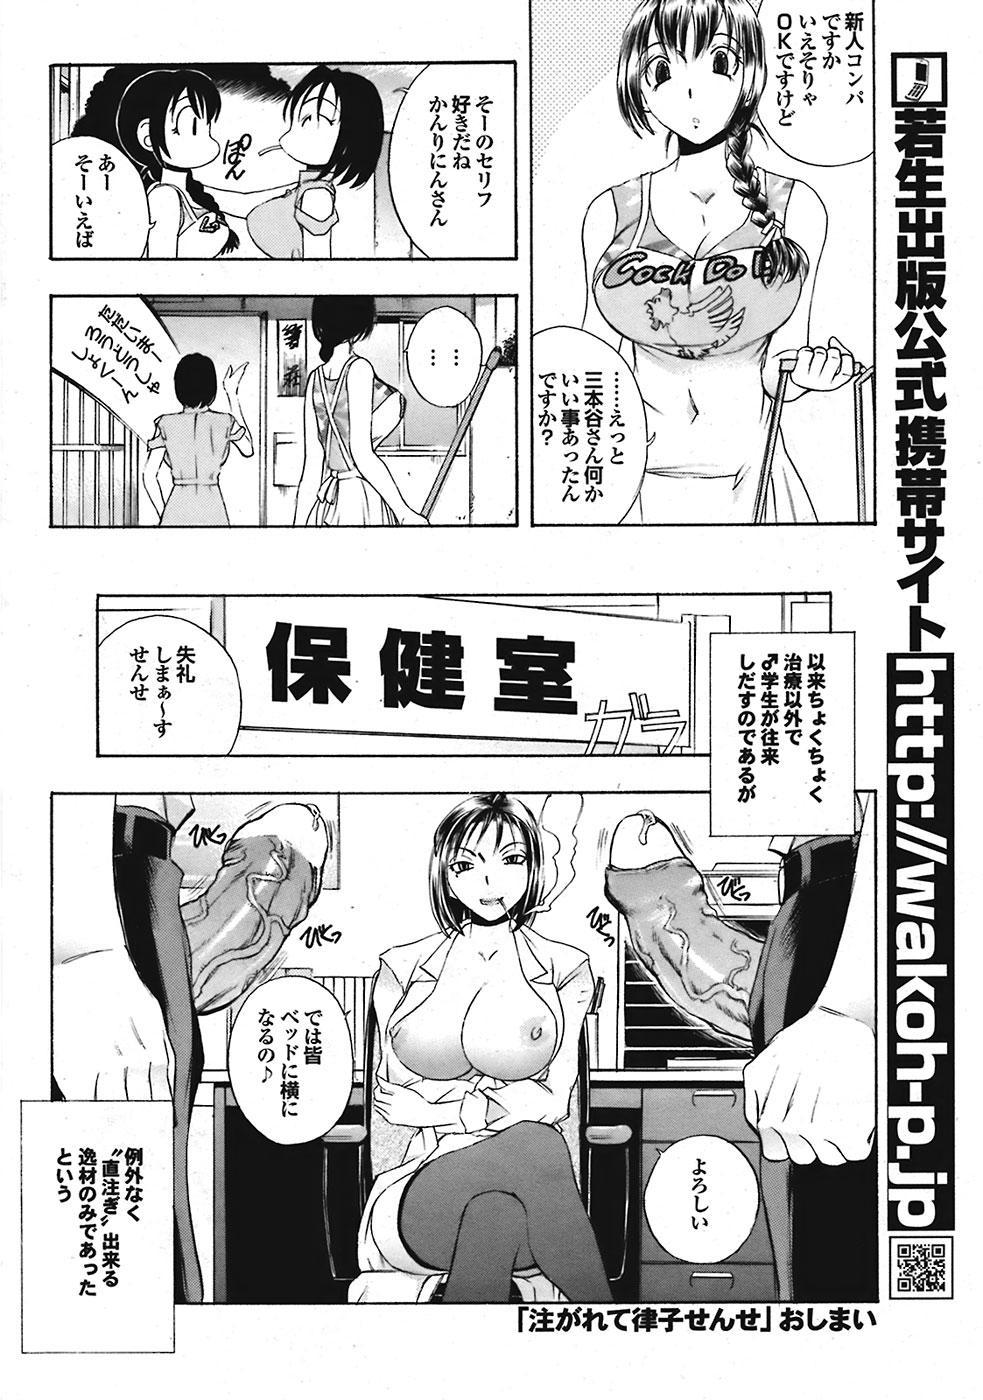 Comic Purumelo 2008-10 Vol.22 34